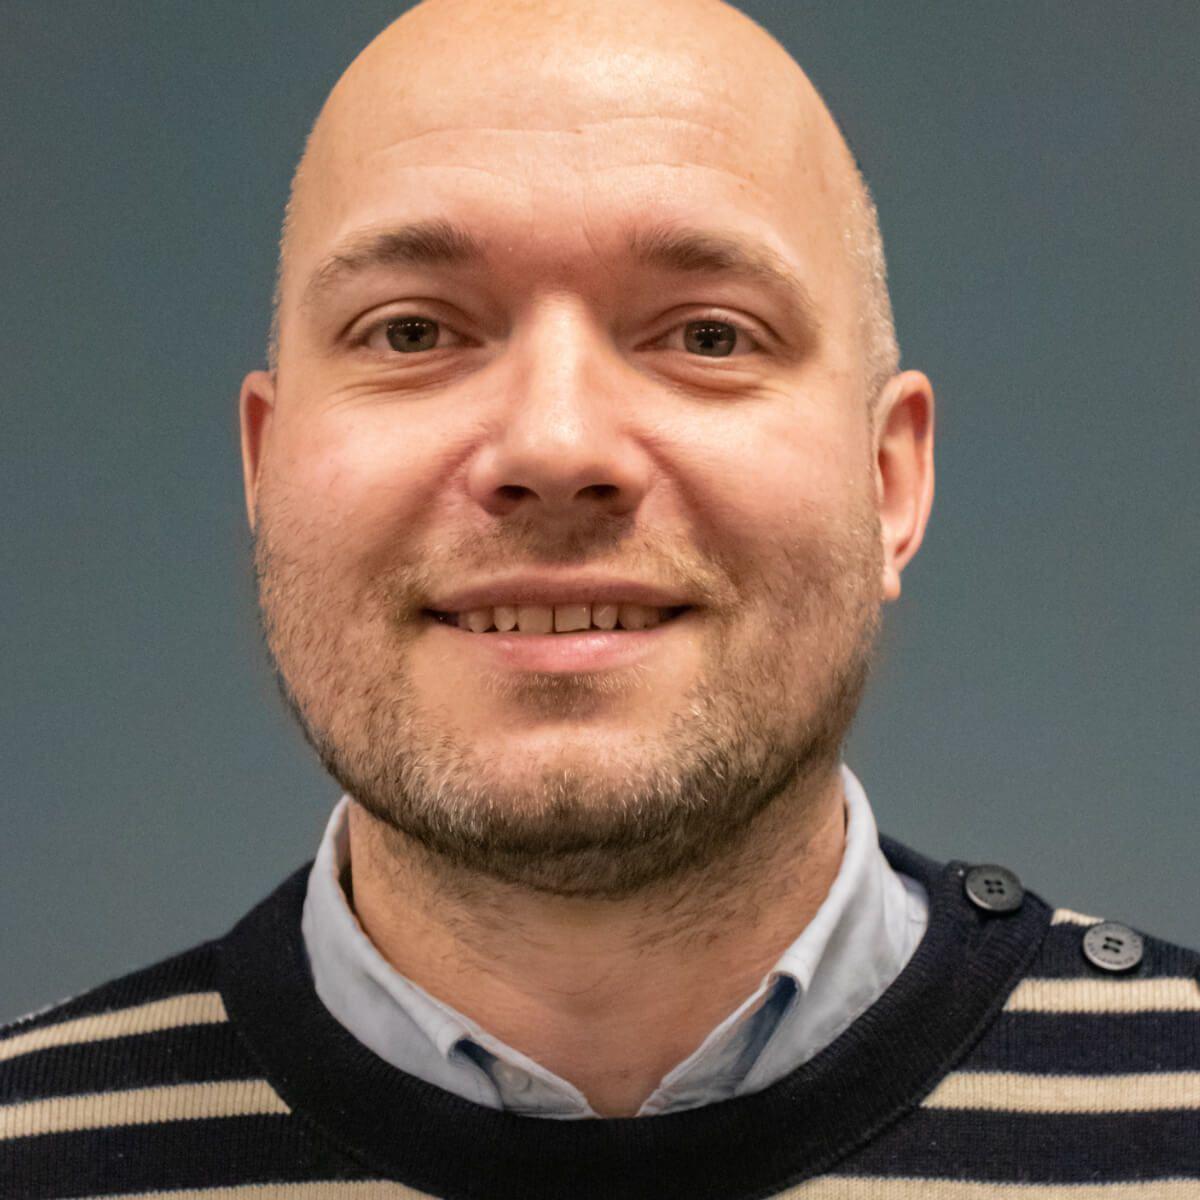 Fredrik Brostrøm-Hansen